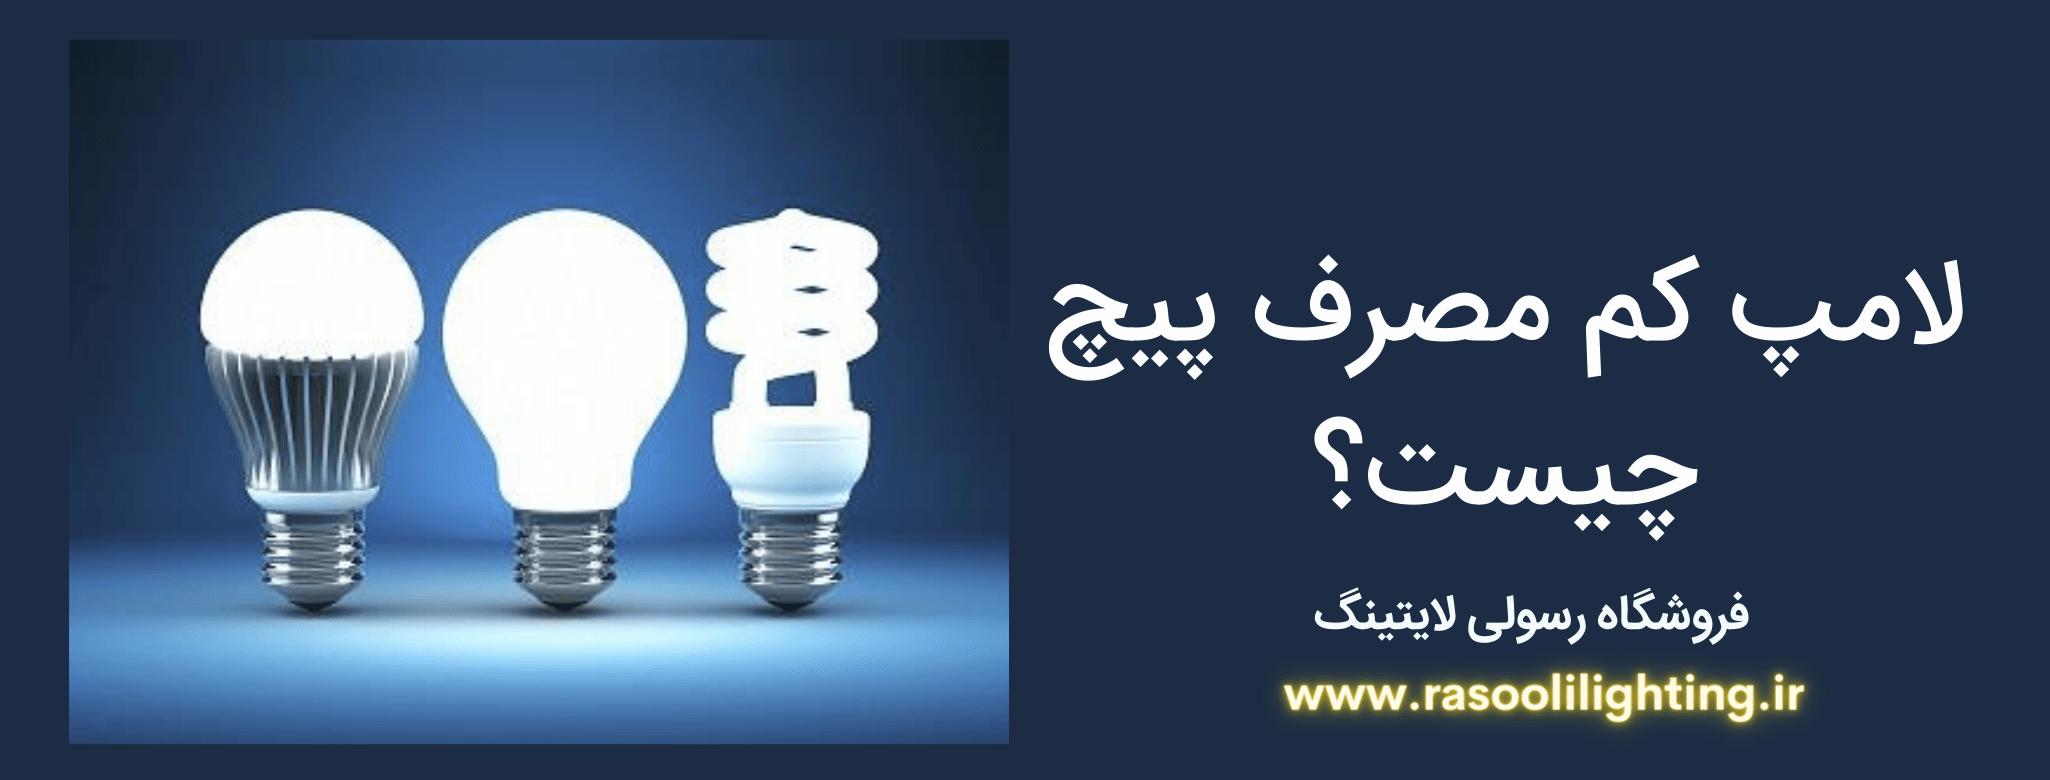 لامپ کم مصرف پیچ